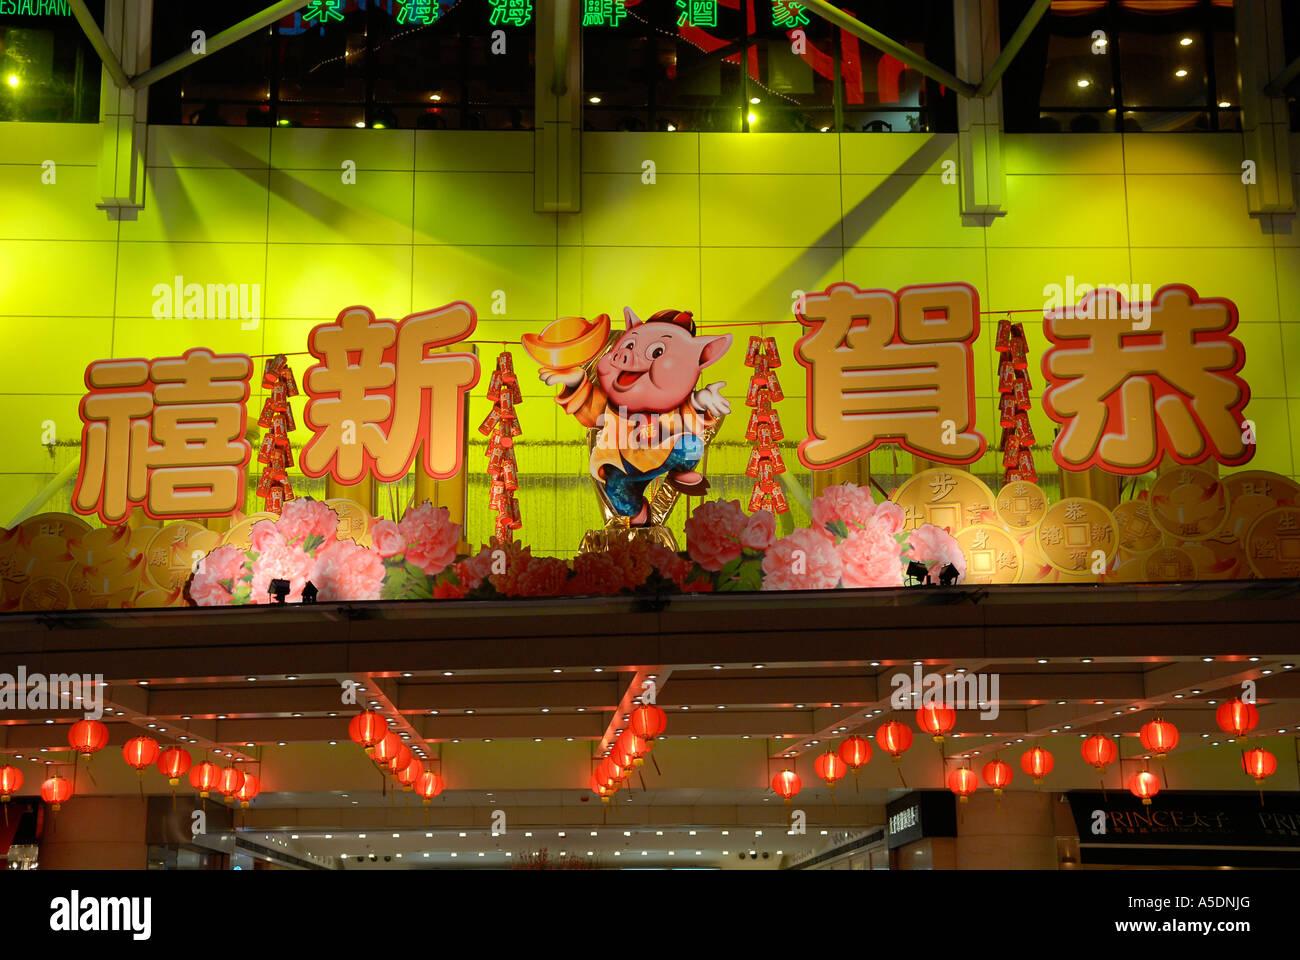 """""""L'anno del maiale' nuovo anno lunare cinese billboard in Hong Kong Cina Febbraio 2007 Immagini Stock"""